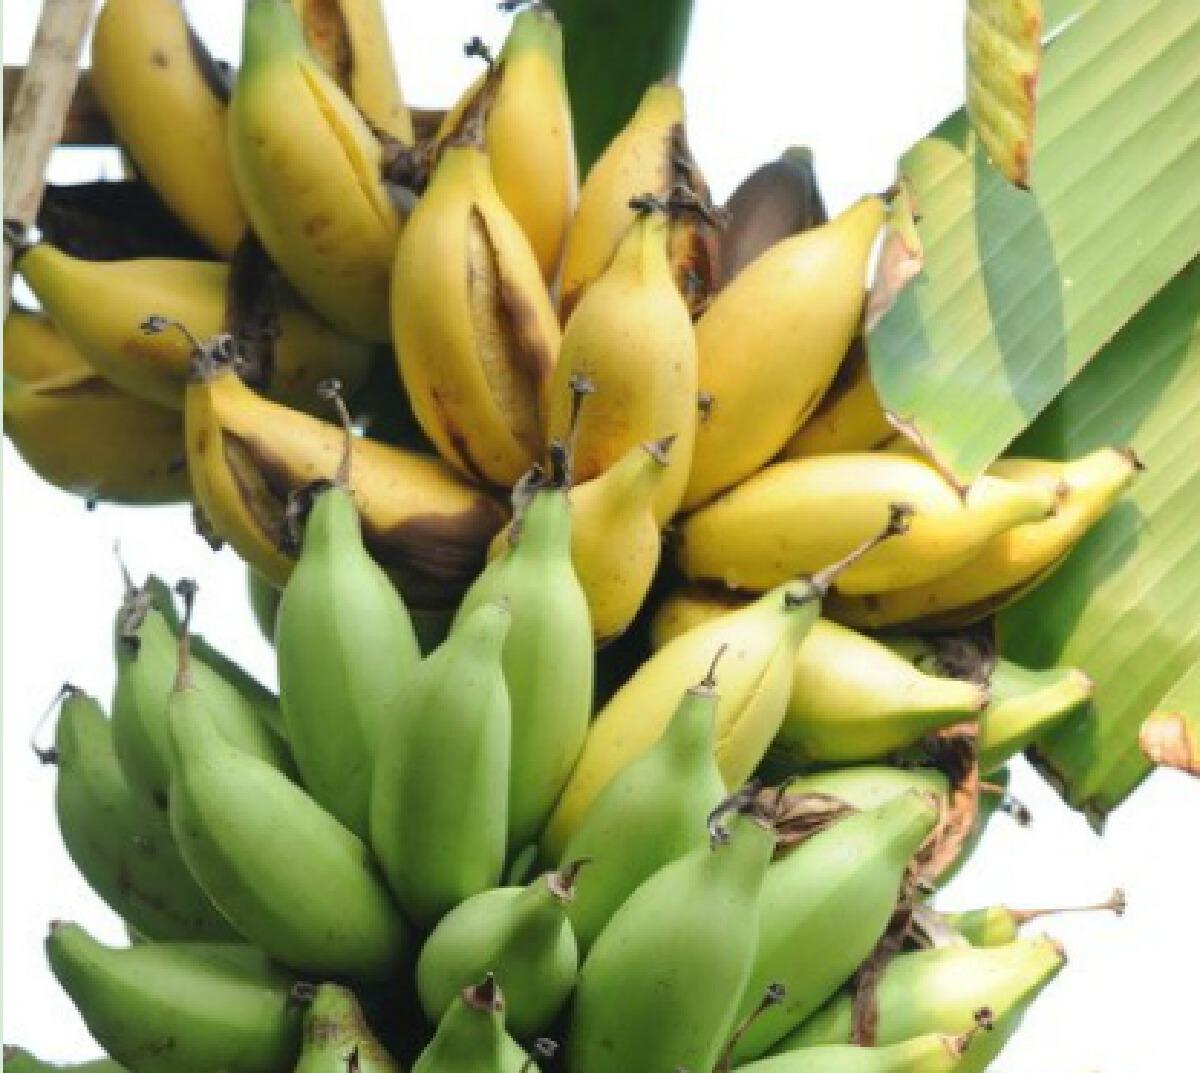 """""""กล้วยนมสาว"""" รสอร่อยลงตัวเหมือนกล้วยหอมผสมกล้วยไข่"""